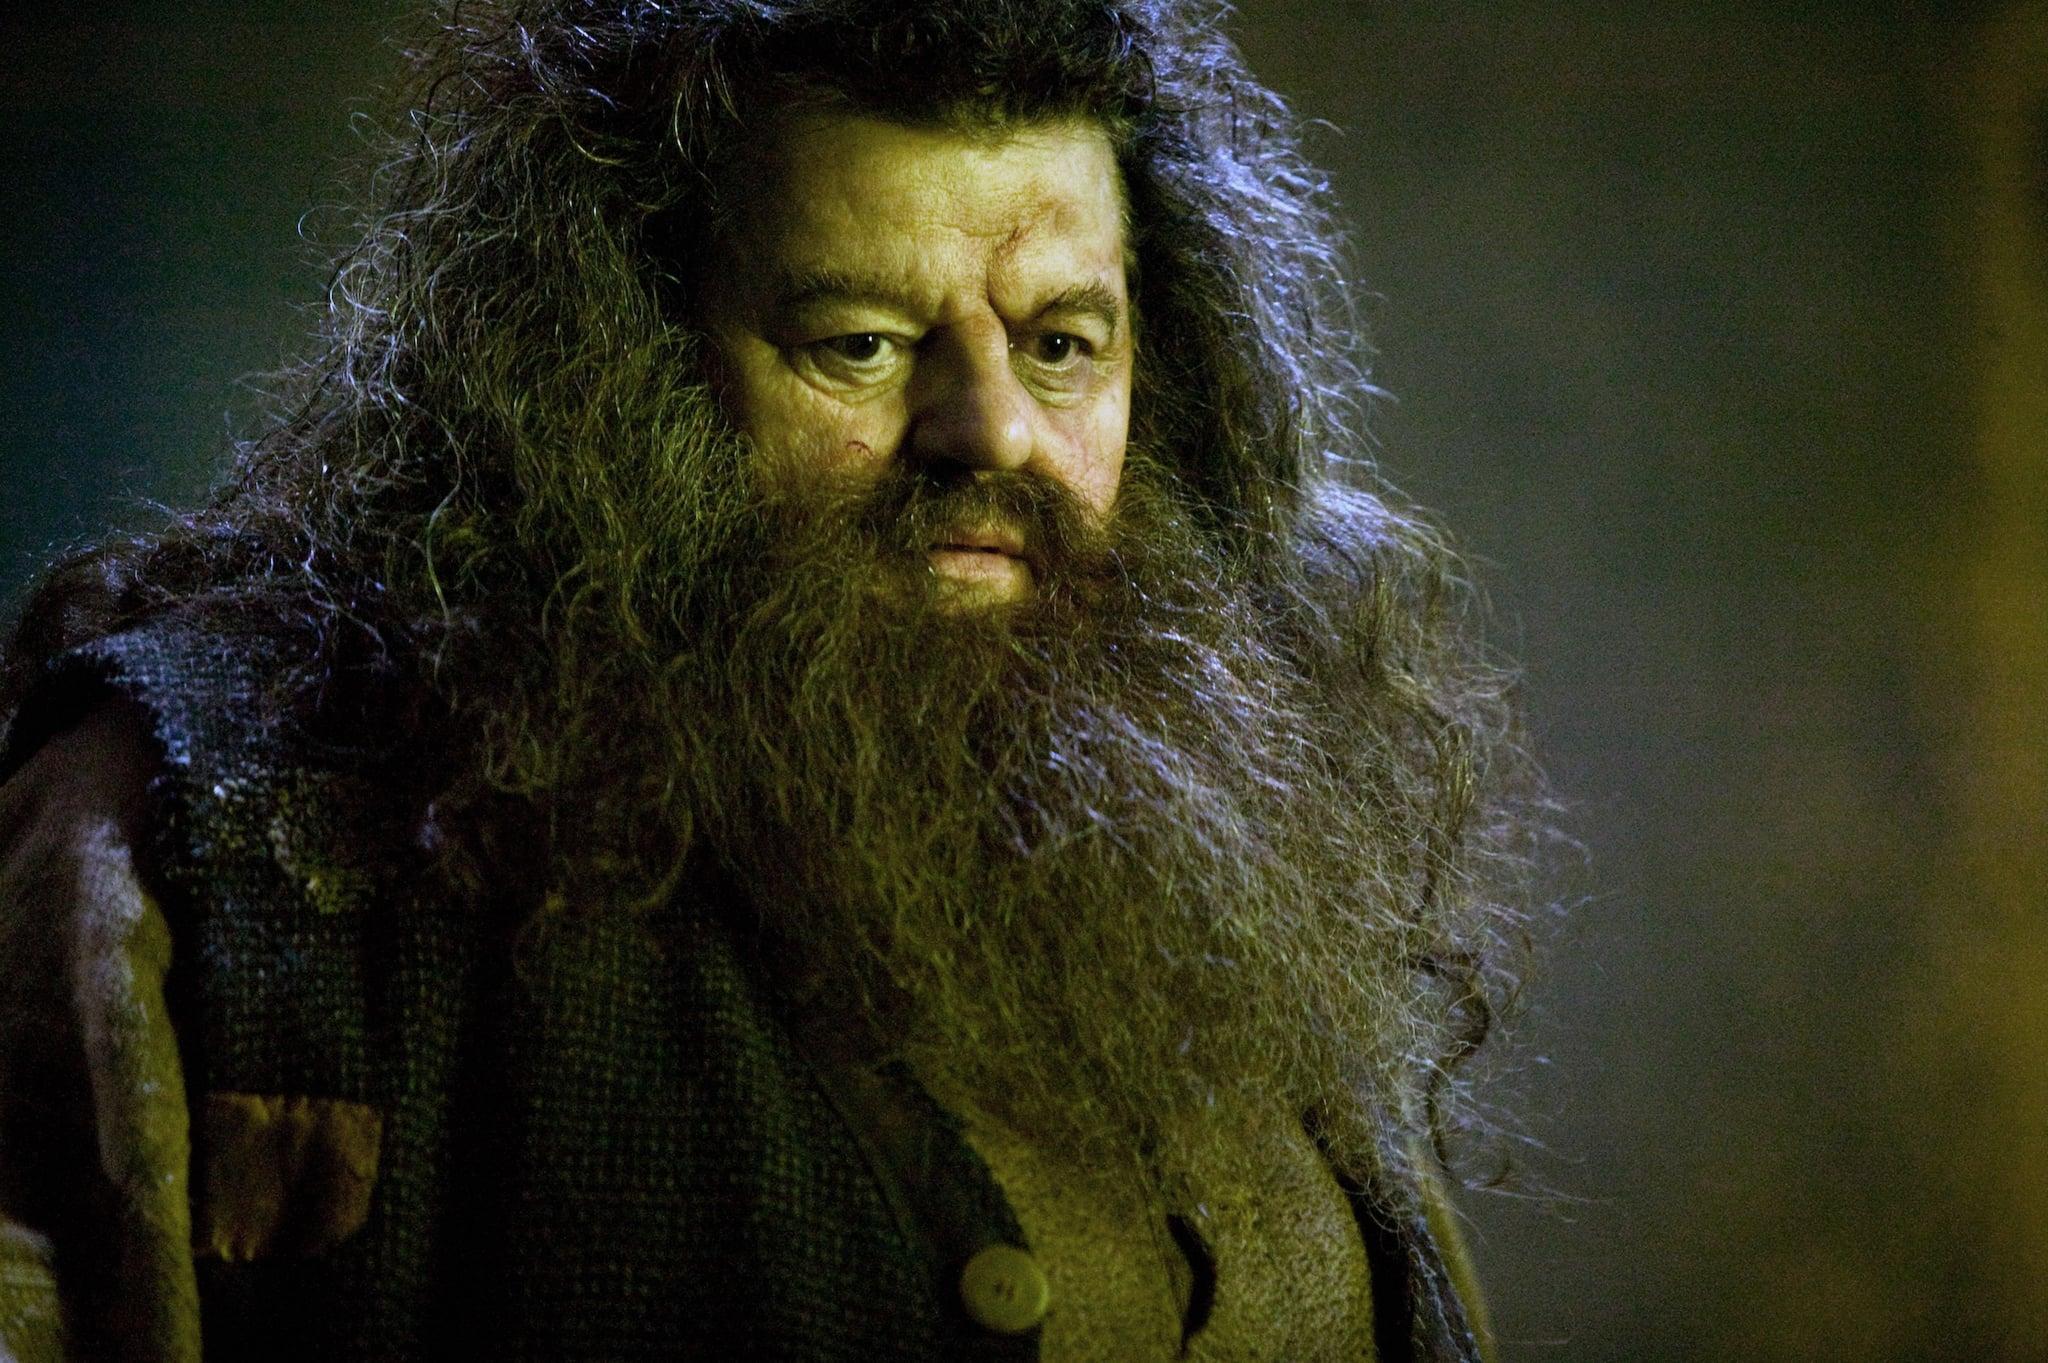 Harry Potter Hagrid Reddit Theory | POPSUGAR Tech